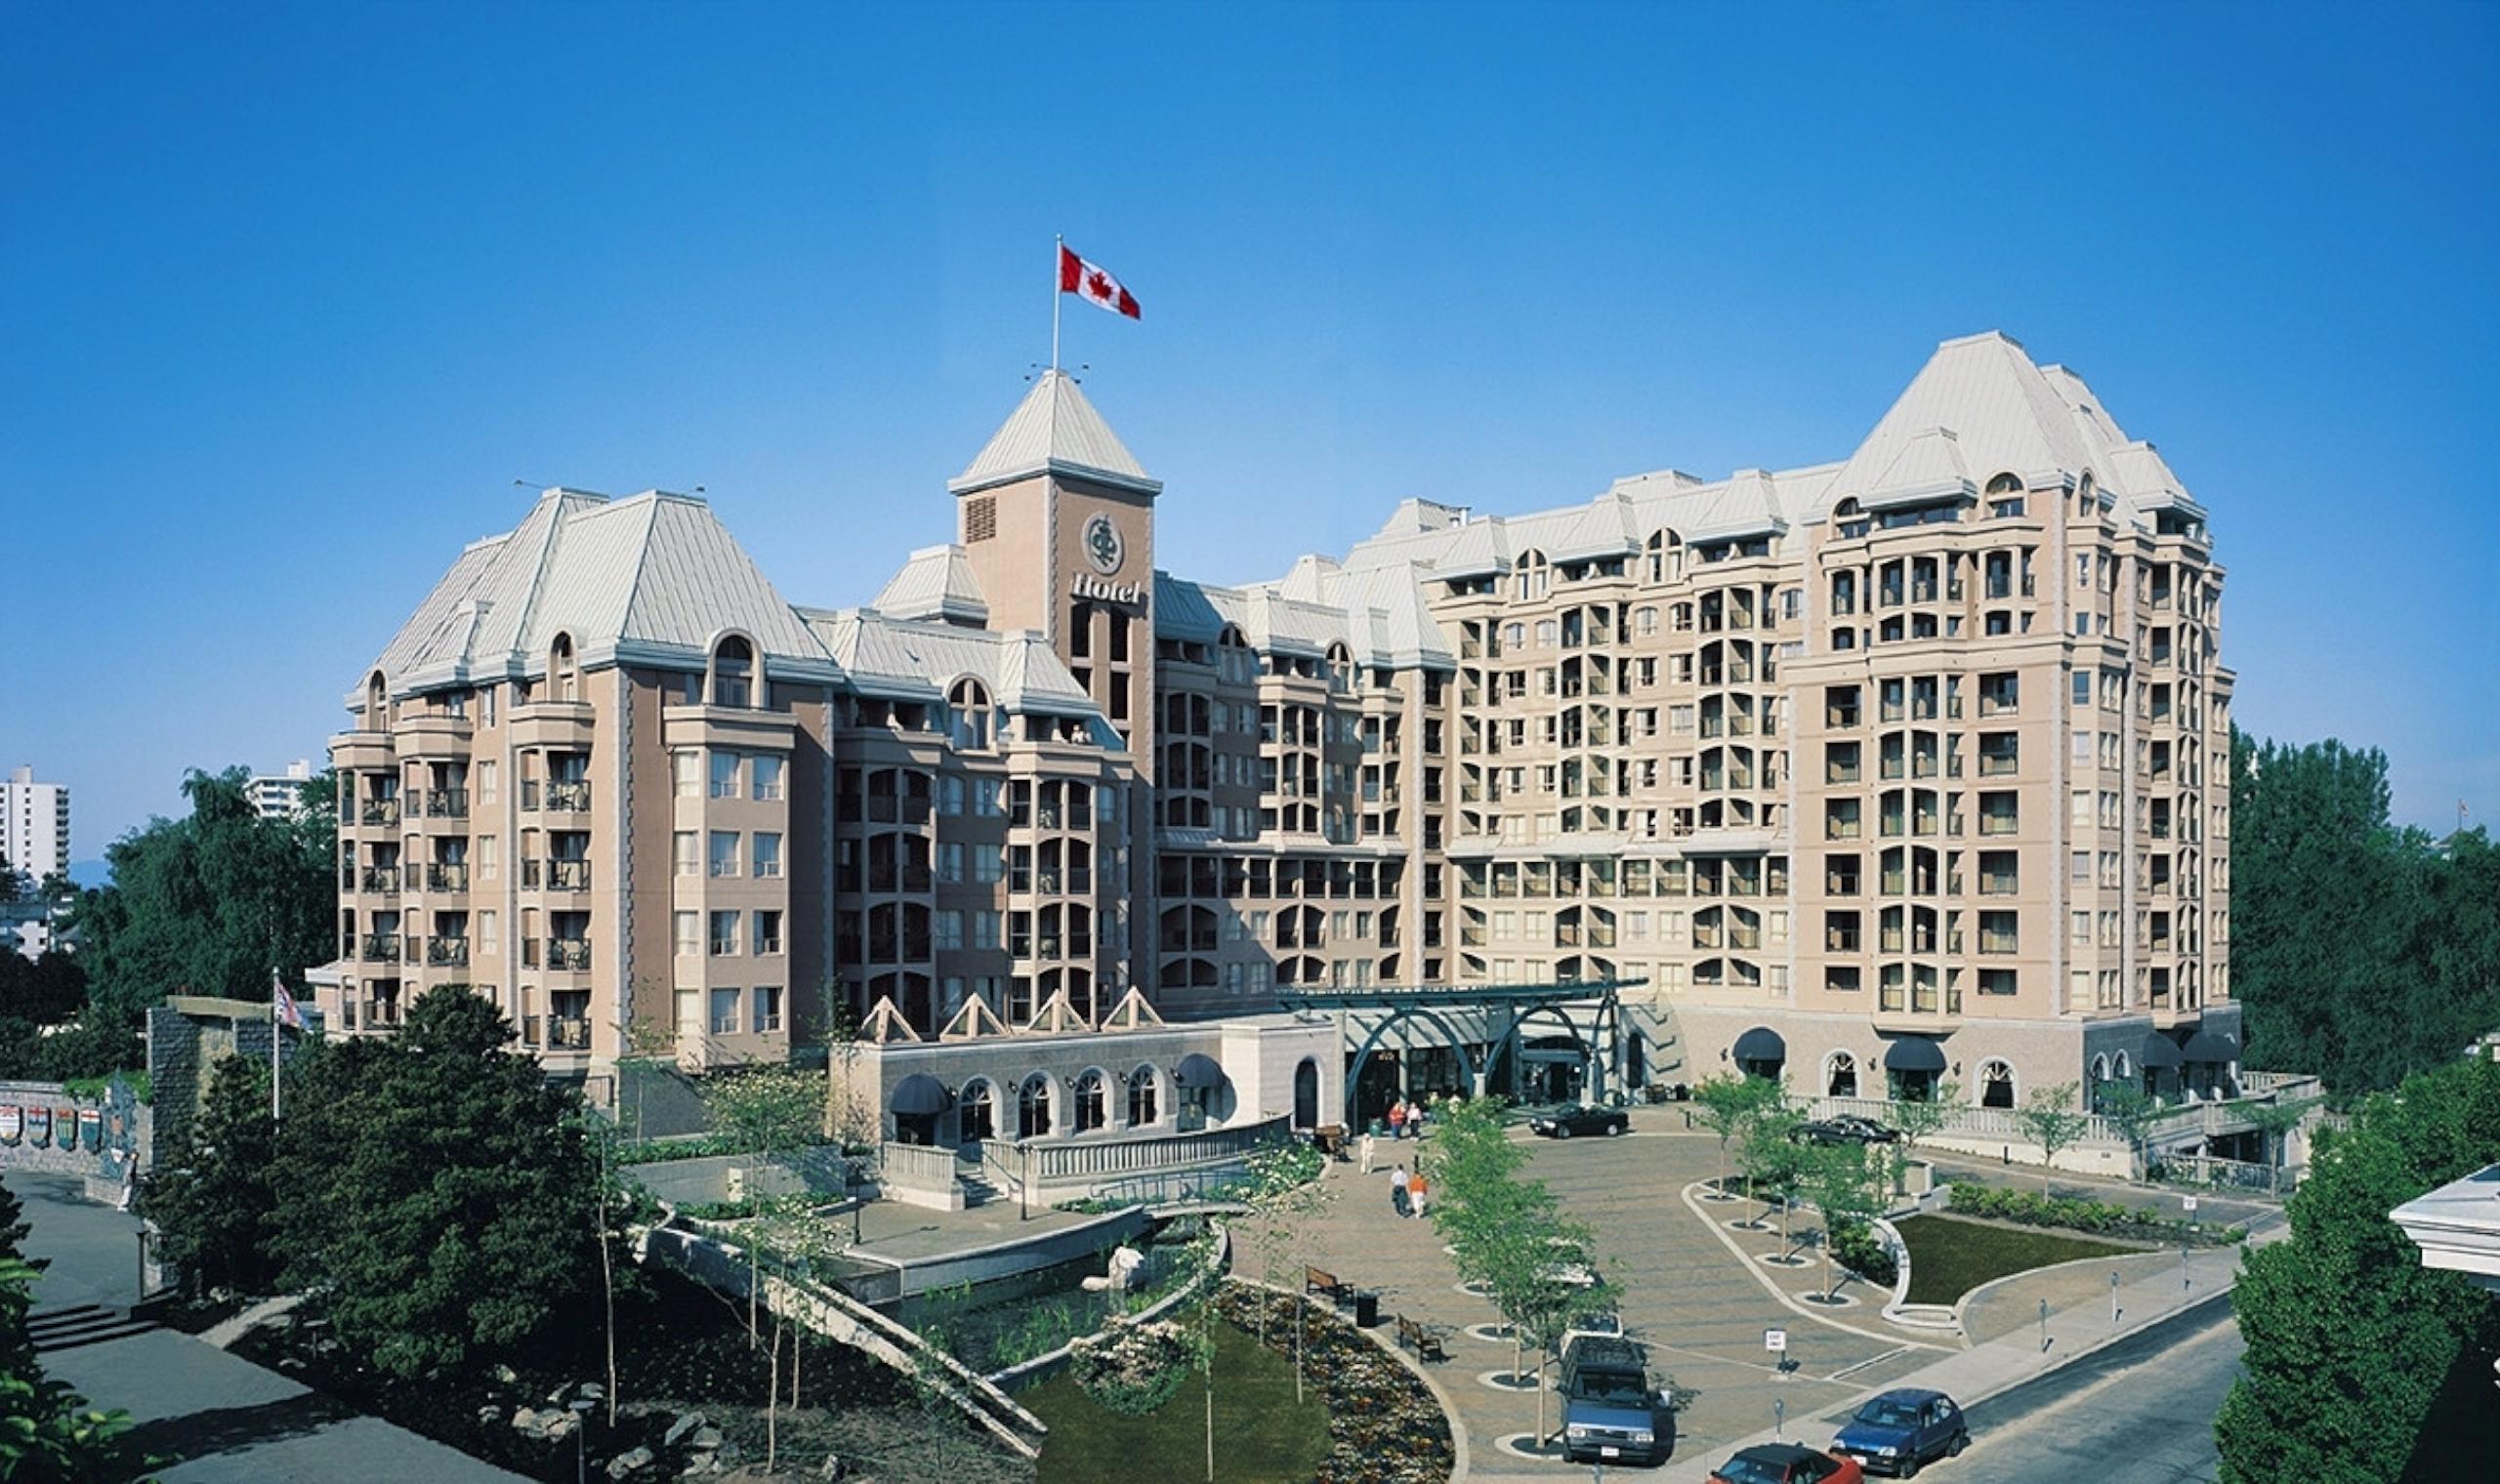 Hotel Grand Pacific Victoria Canada